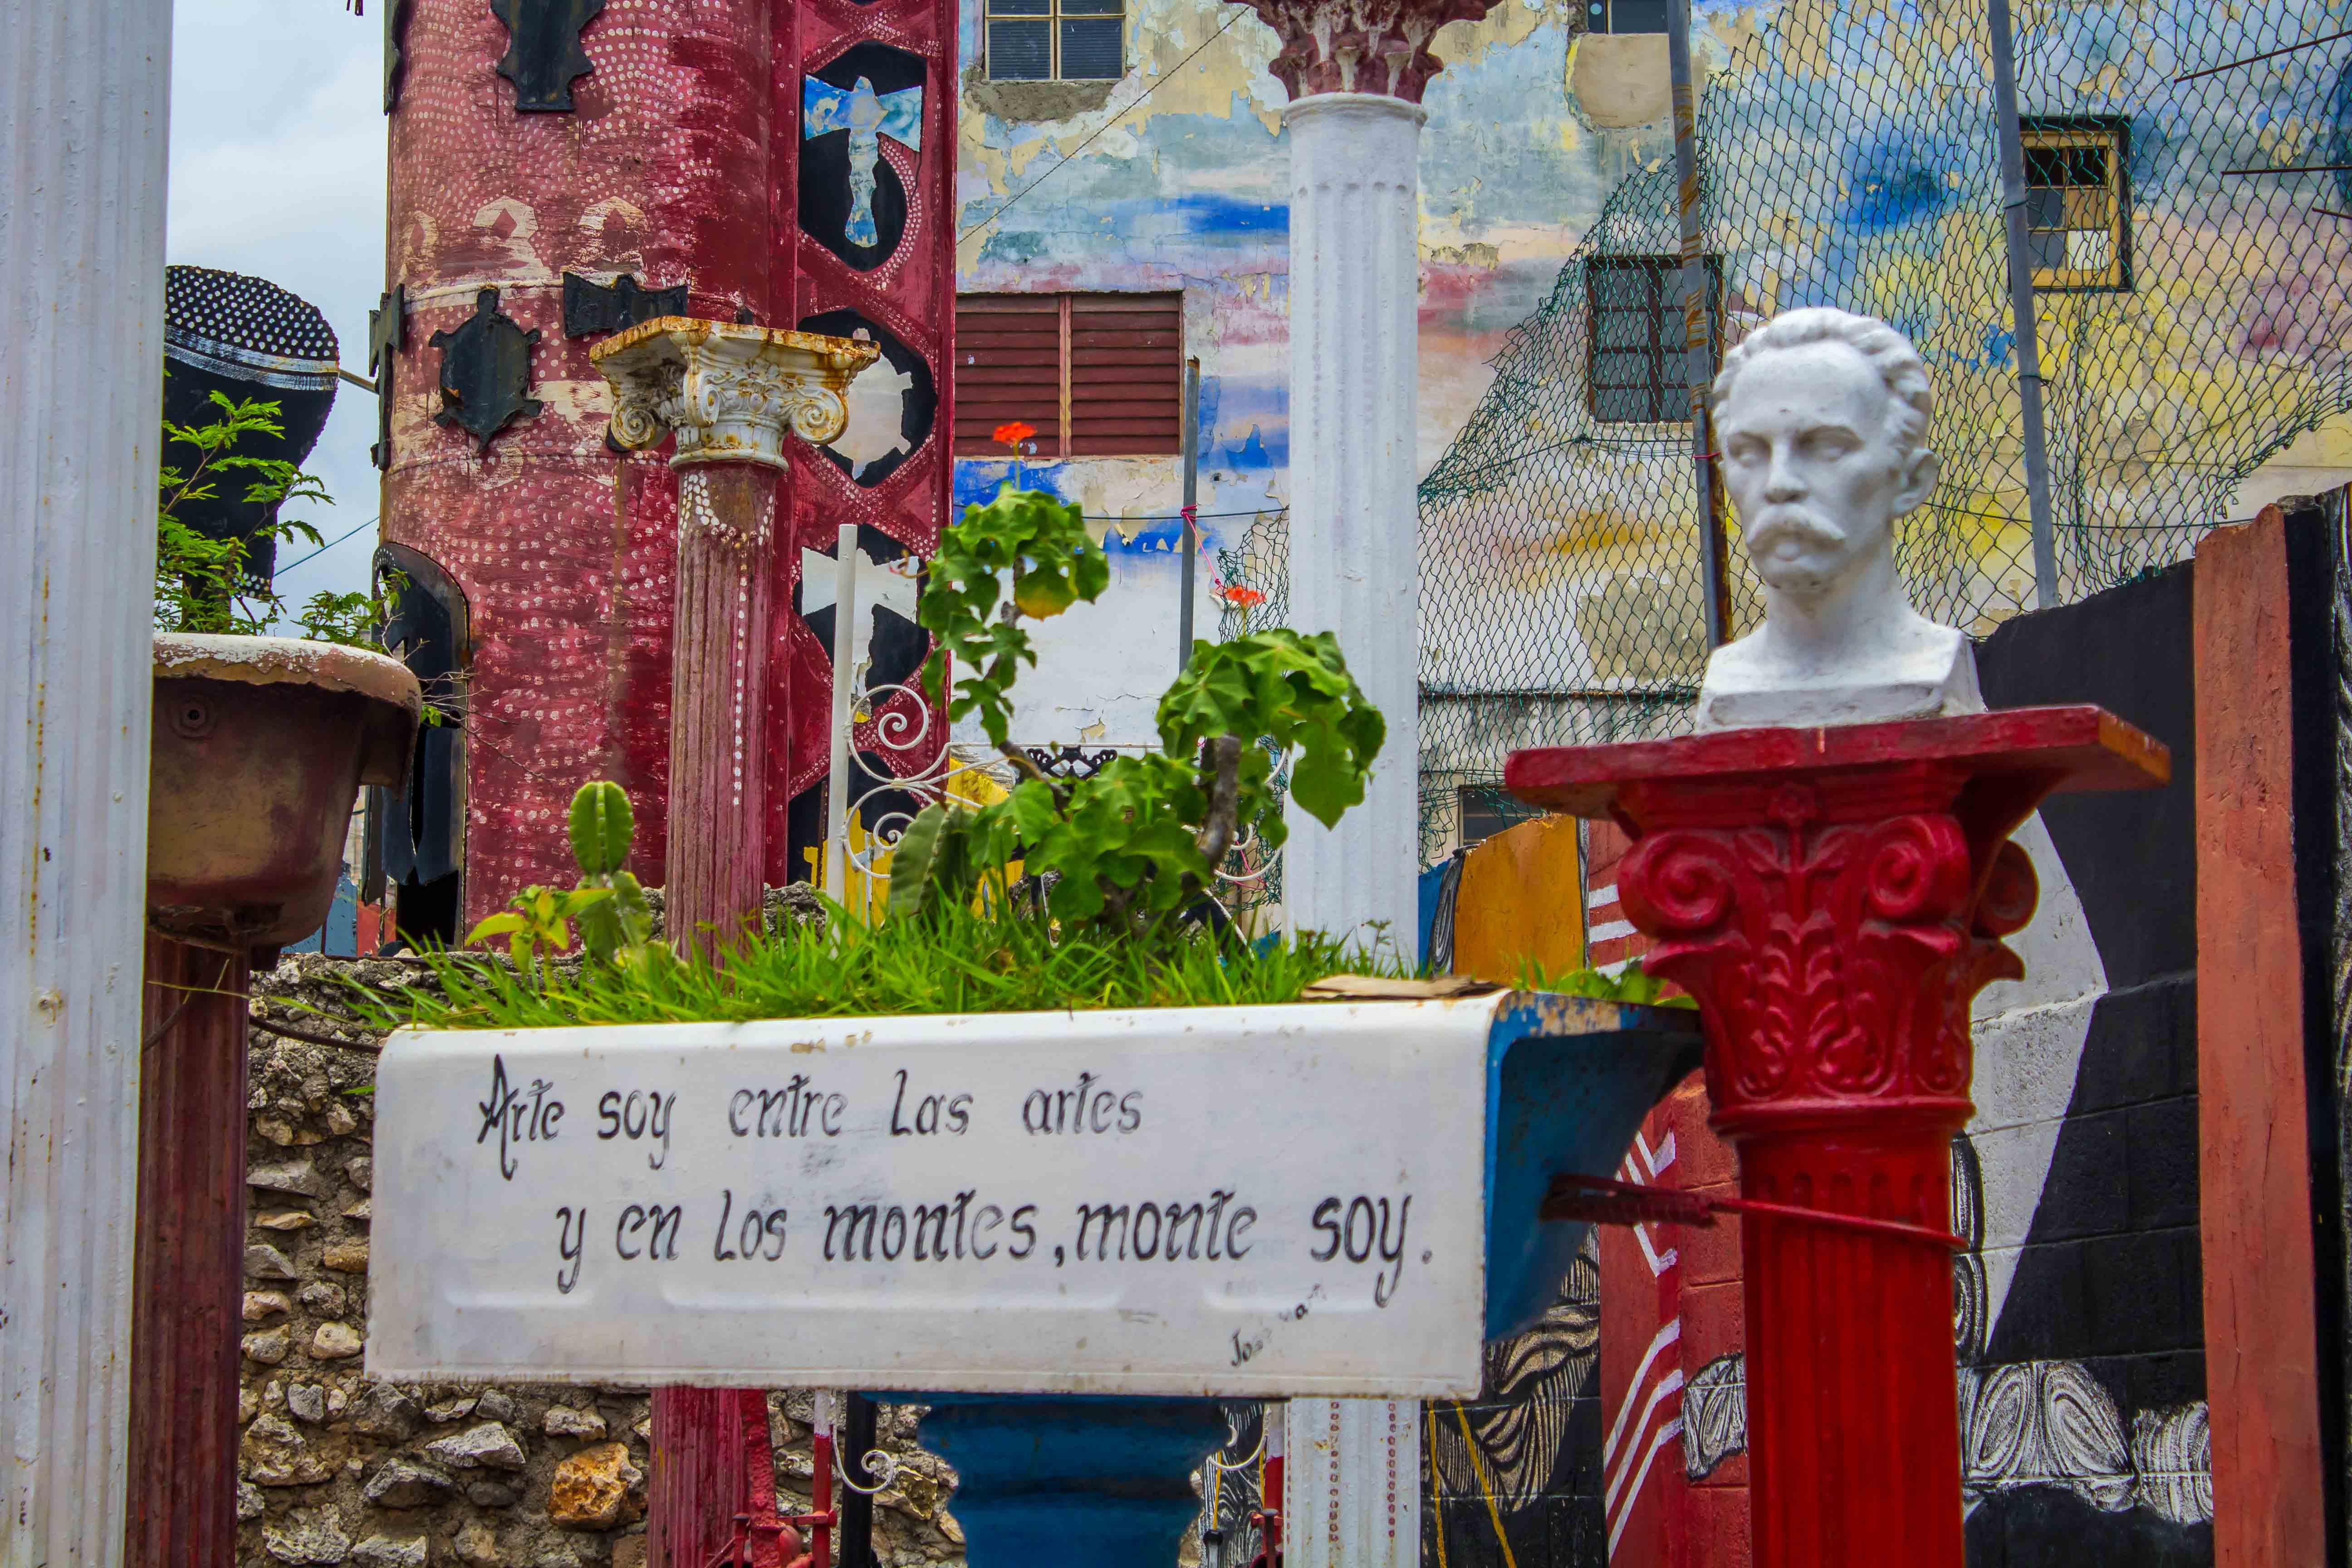 Arte en el Callejón de Hamel, un lugar dedicado al arte cubano en La Habana Vieja.